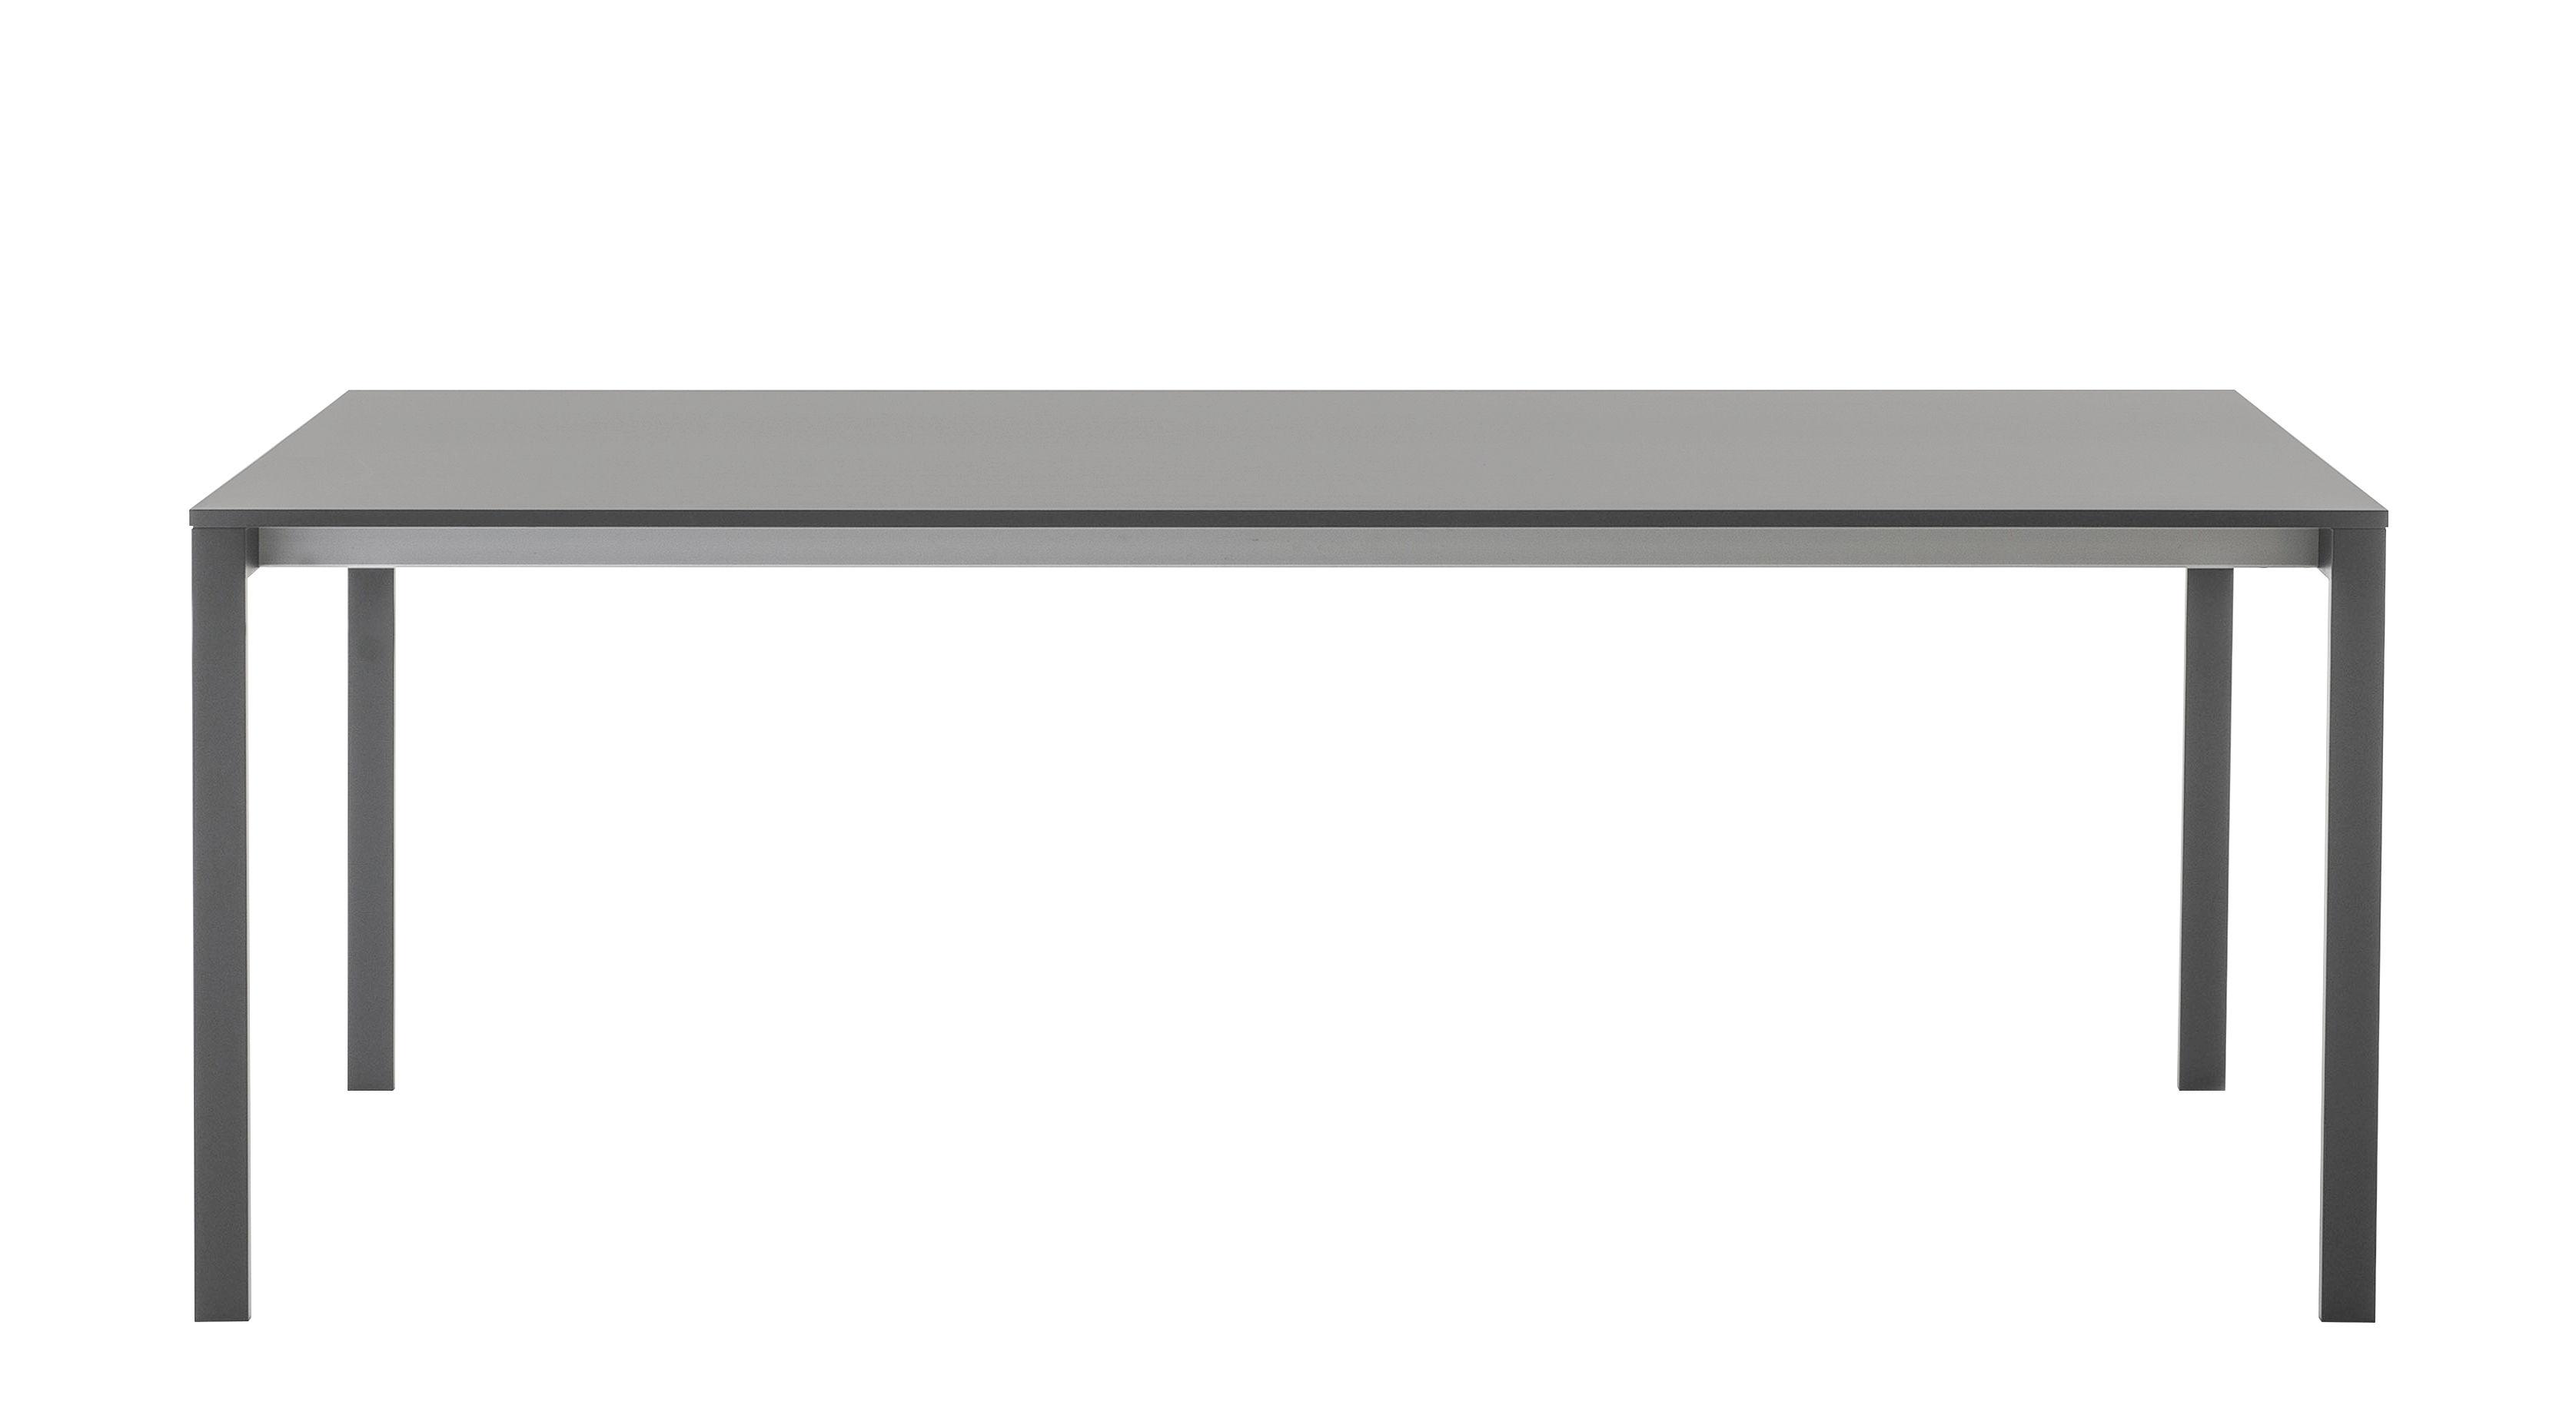 Möbel - Tische - be-Easy Ausziehtisch / L 150 bis 230 cm - Tischplatte Fenix-NTM® - Kristalia - Grau - Fenix-NTM®, geschichtet, lackierter Stahl